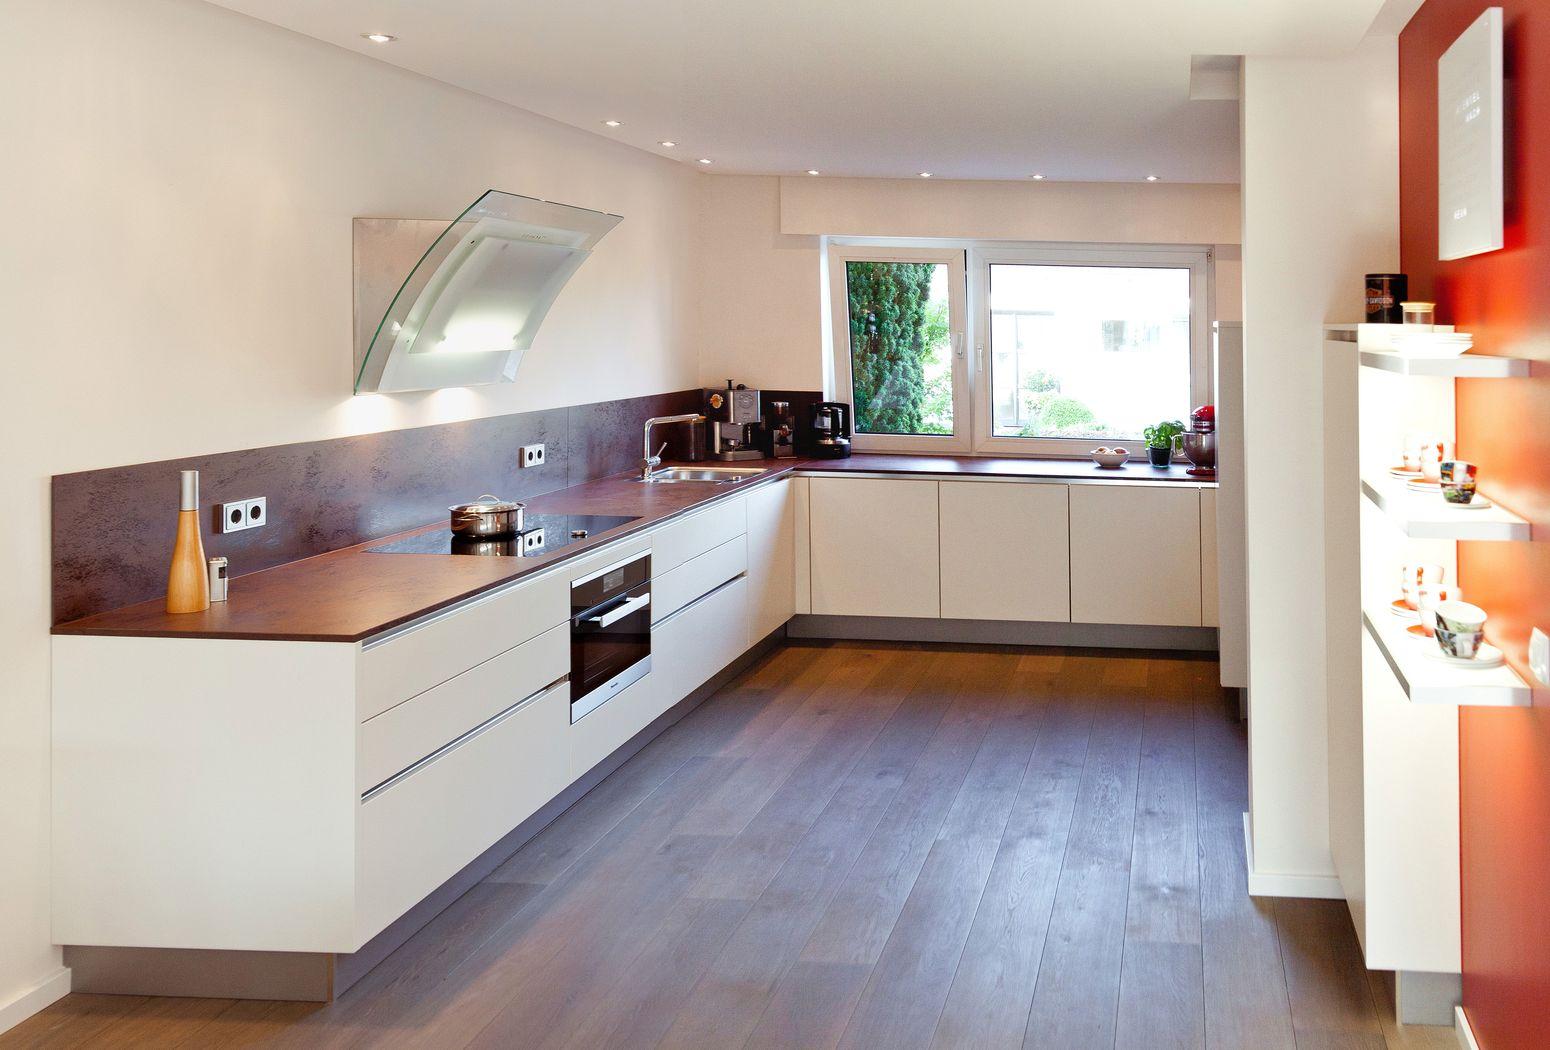 Einbauküchen u form modern  Küchen L Form Hochglanz | poolami.com